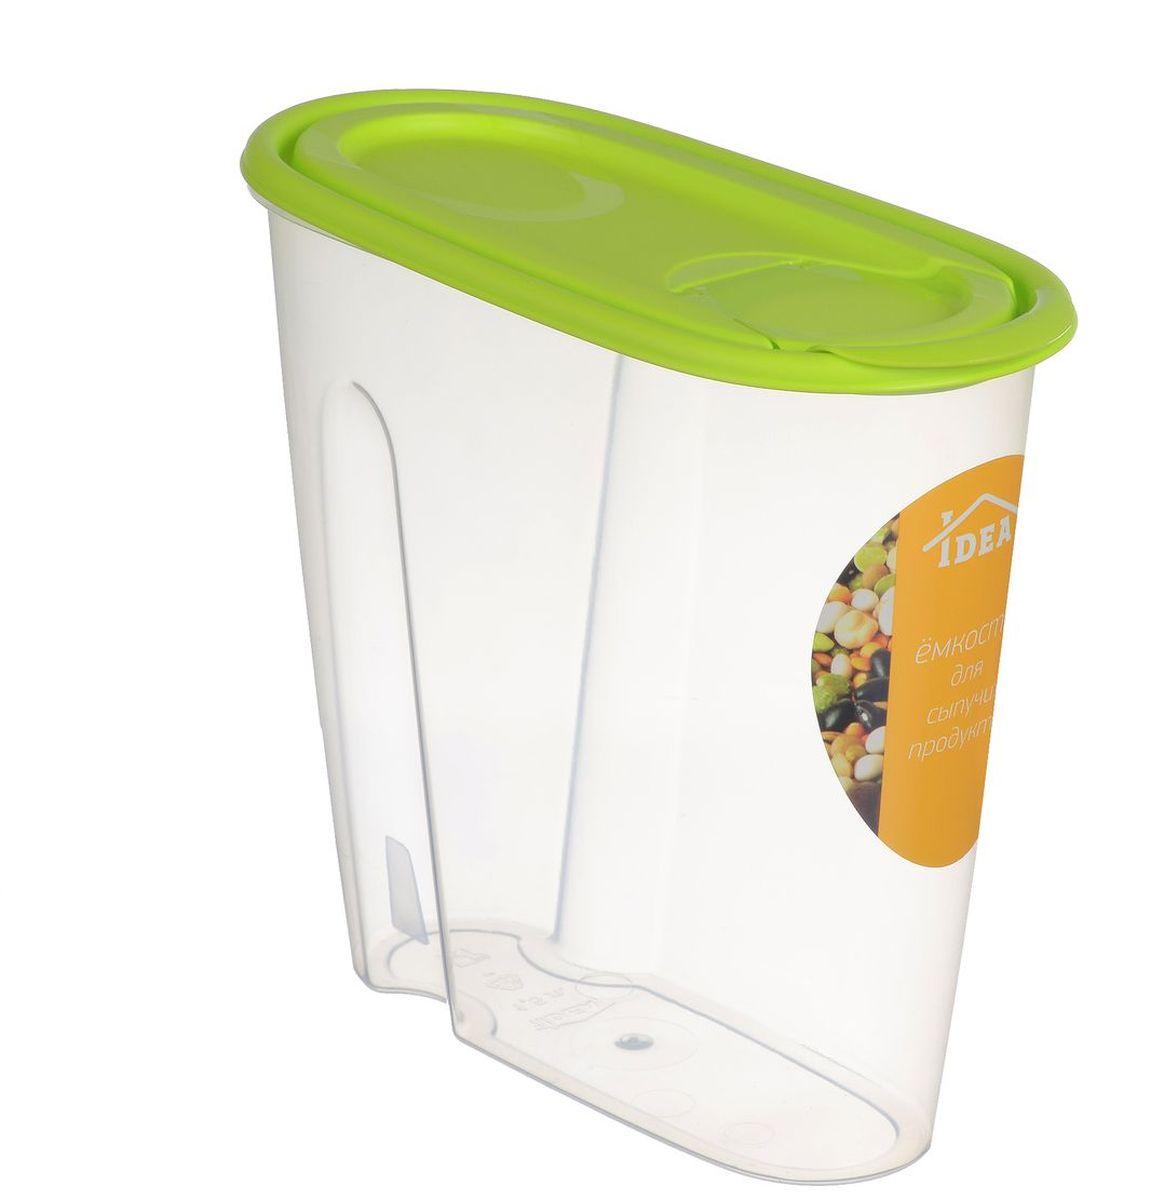 Емкость для сыпучих продуктов Idea, цвет: салатовый, 1,5 л емкость для сыпучих продуктов idea деко гжель 1 л